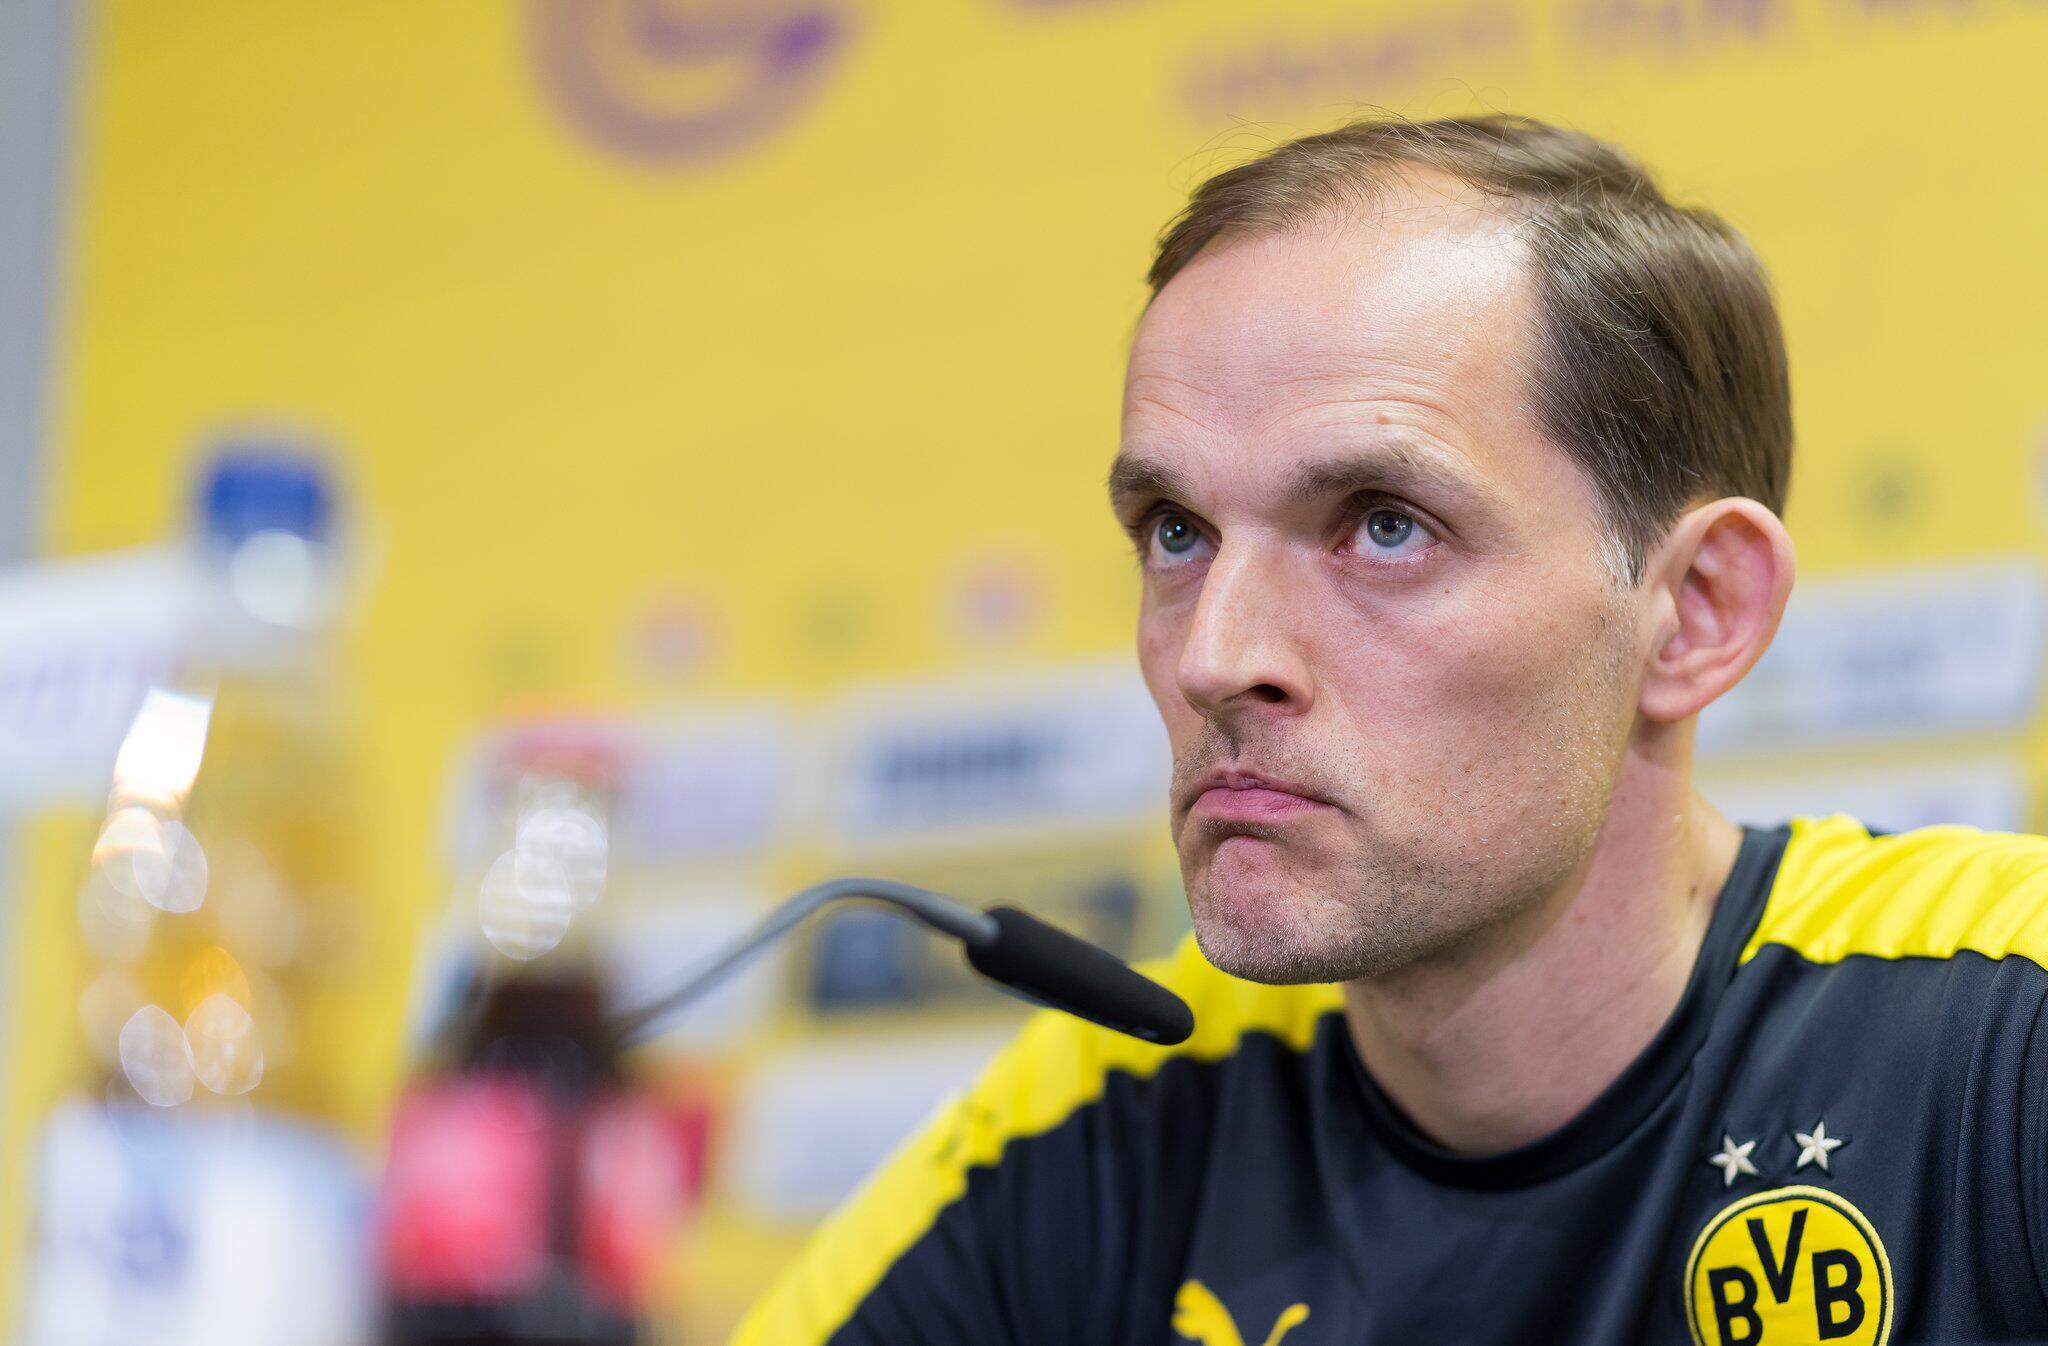 Bild zu Pressekonferenz Borussia Dortmund